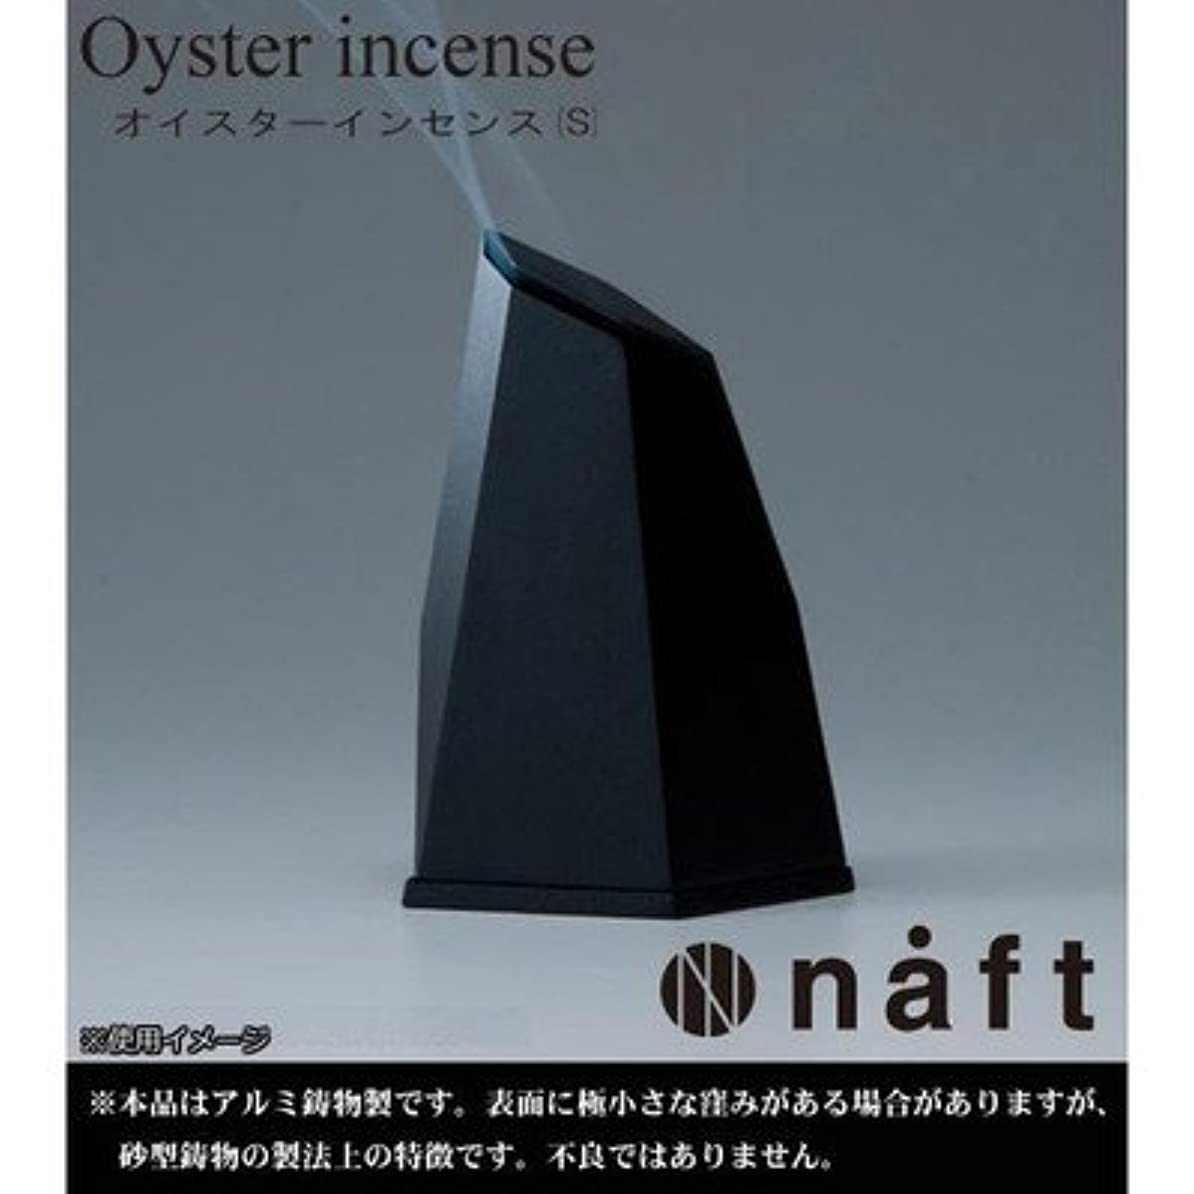 中国瞬時に哲学シンプルだけどインパクトのあるフォルム naft Oyster incense オイスターインセンス 香炉 Sサイズ ブラック